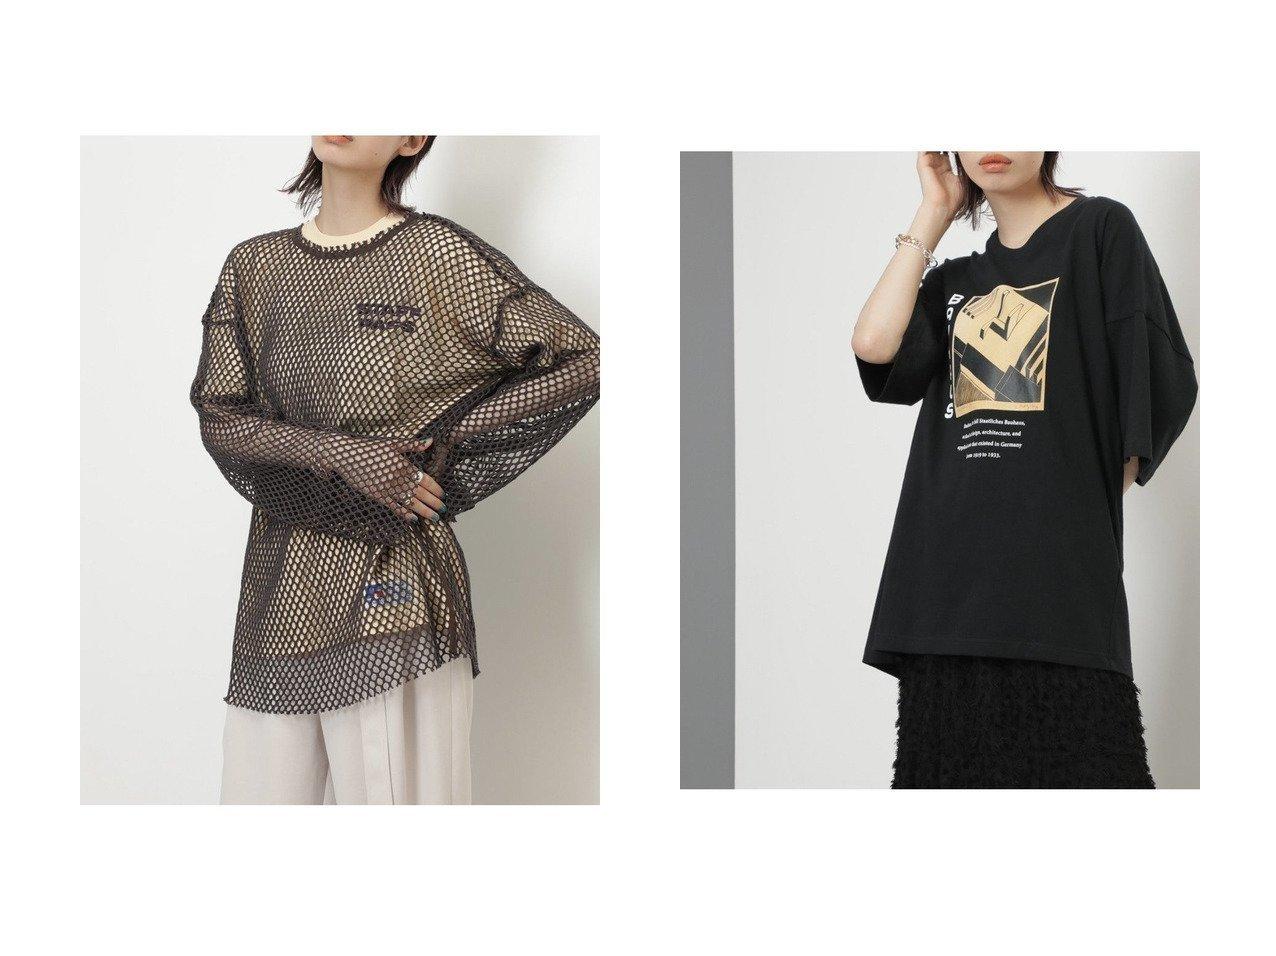 【ROSE BUD/ローズバッド】のメッシュプルオーバー&BAUHAUSアートプリントTシャツ 【トップス・カットソー】おすすめ!人気、トレンド・レディースファッションの通販 おすすめで人気の流行・トレンド、ファッションの通販商品 インテリア・家具・メンズファッション・キッズファッション・レディースファッション・服の通販 founy(ファニー) https://founy.com/ ファッション Fashion レディースファッション WOMEN トップス・カットソー Tops/Tshirt プルオーバー Pullover シャツ/ブラウス Shirts/Blouses ロング / Tシャツ T-Shirts 2021年 2021 2021-2022秋冬・A/W AW・Autumn/Winter・FW・Fall-Winter・2021-2022 A/W・秋冬 AW・Autumn/Winter・FW・Fall-Winter カットソー メッシュ おすすめ Recommend プリント ボトム  ID:crp329100000054631